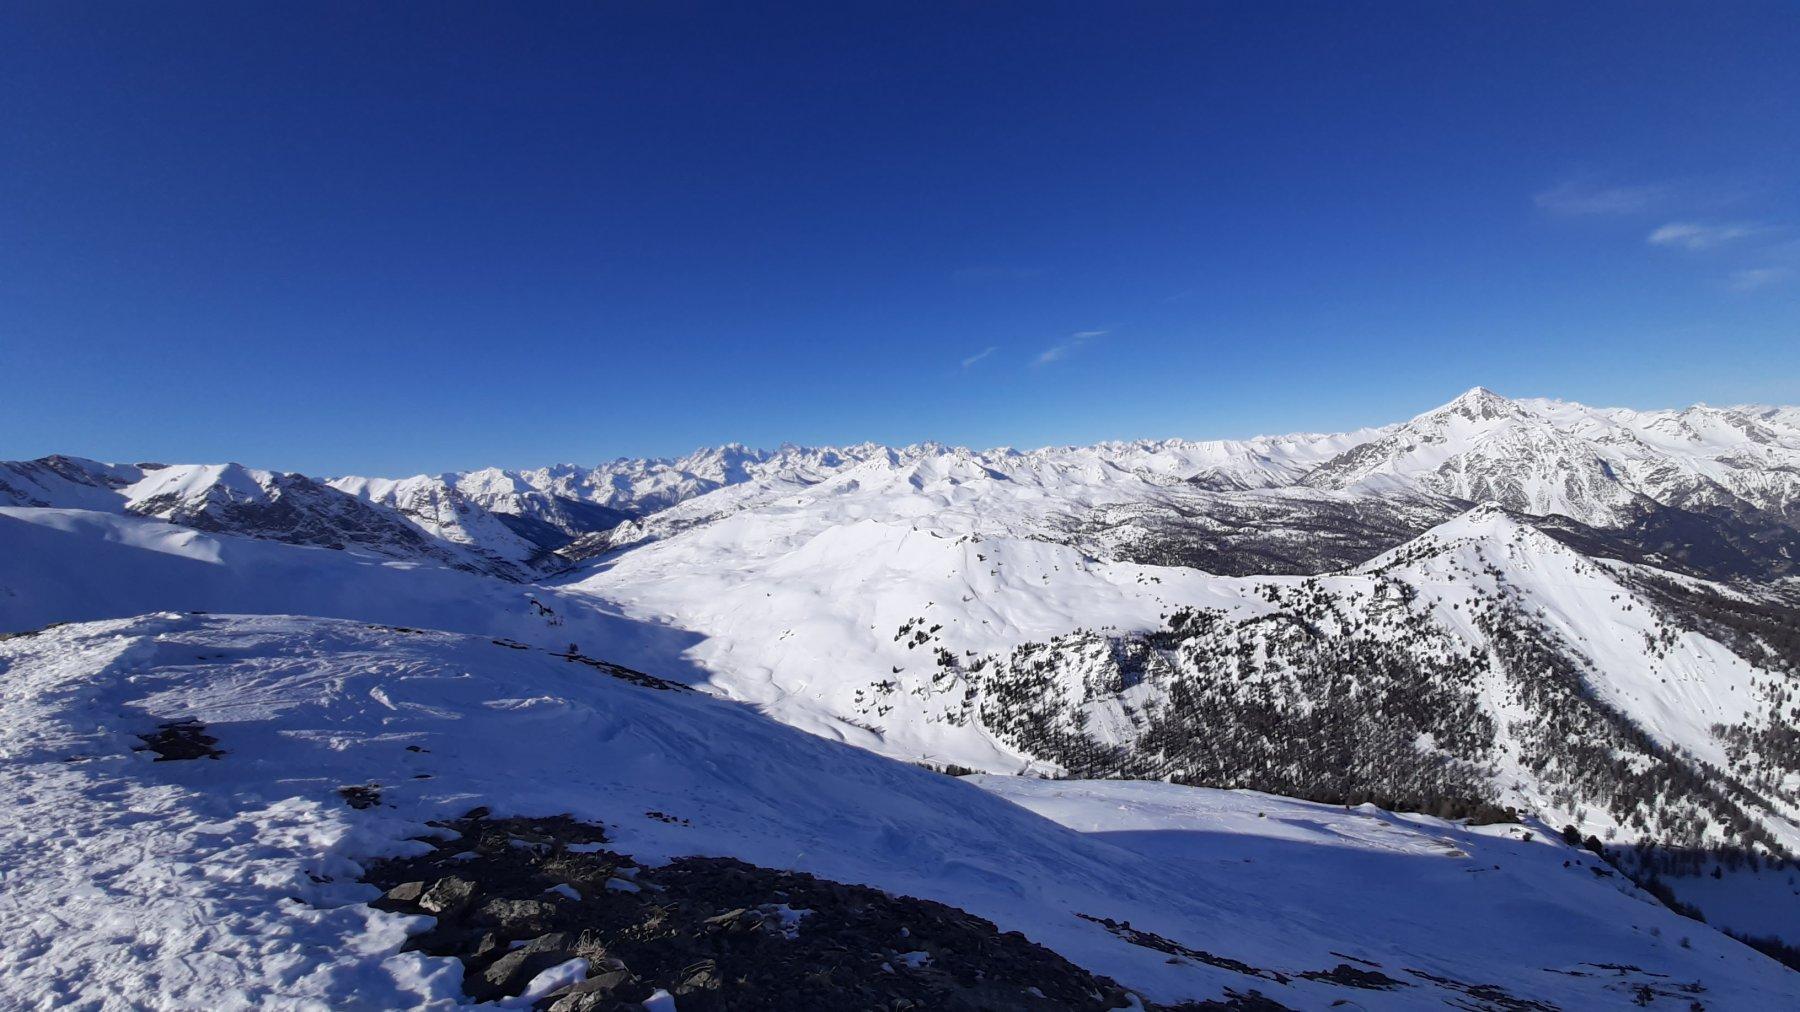 Dal Giassiez la dorsale dal monte Courbion alla cima Fournier, con il monte Chaberton troneggiante alle spalle